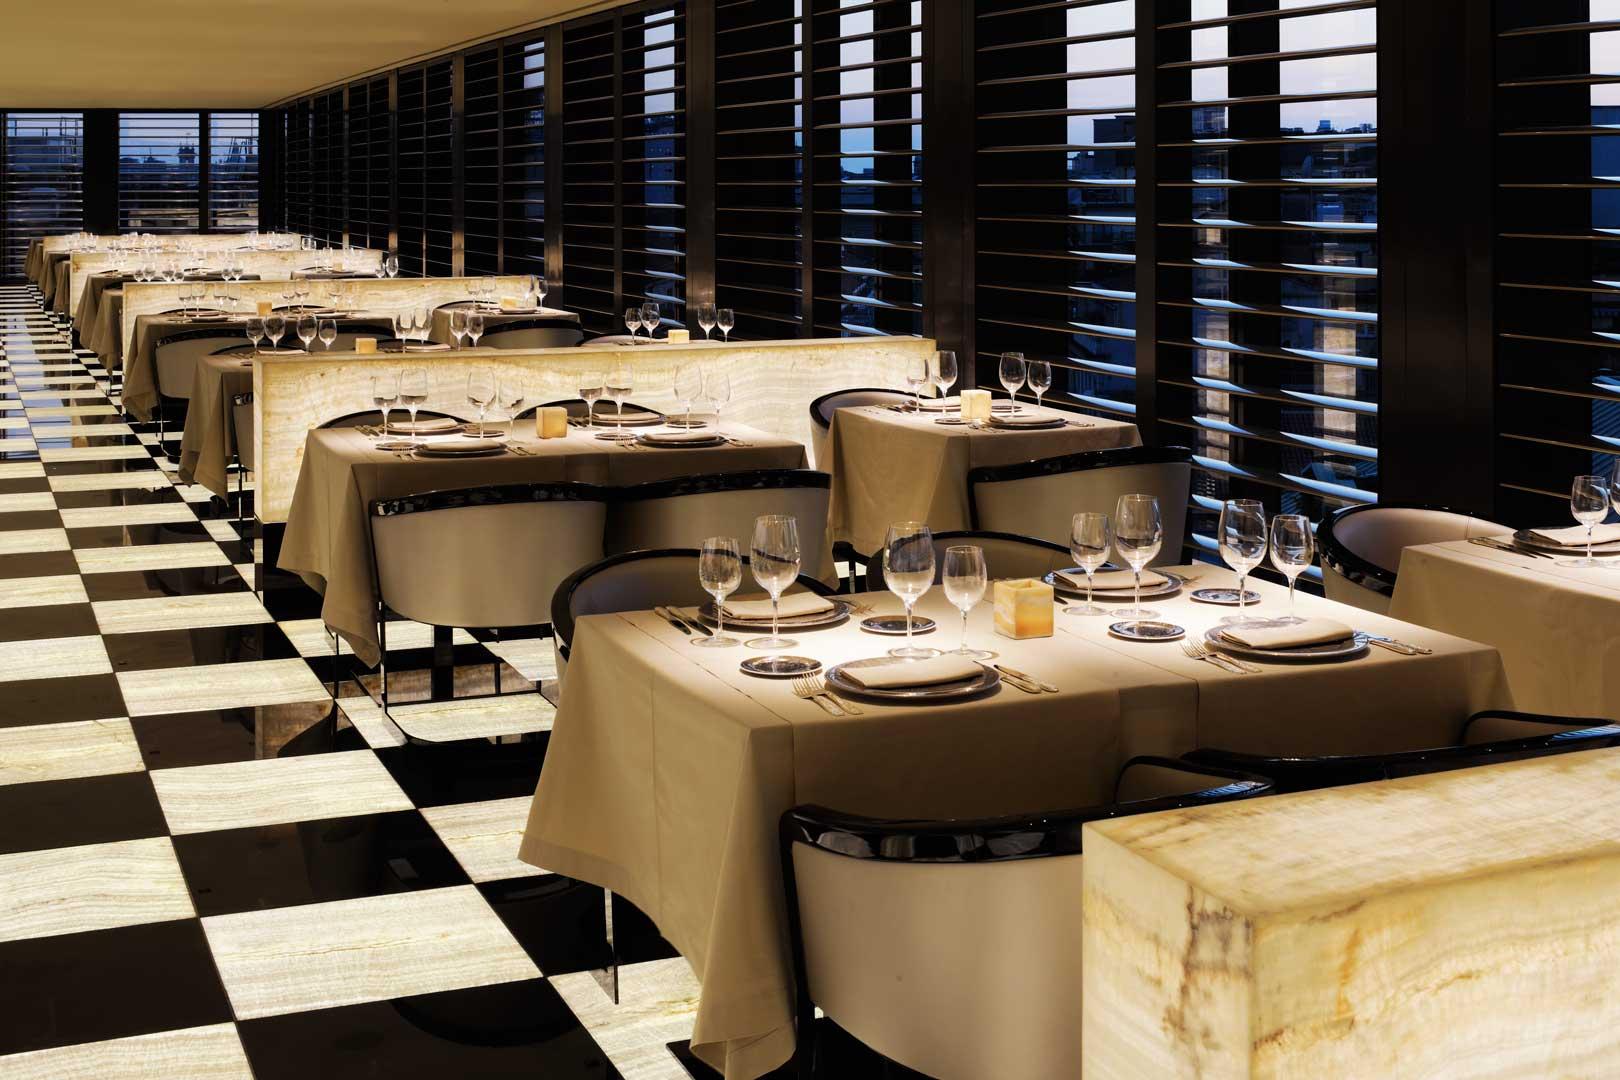 Armani ristorante flawless milano the lifestyle guide for Design hotel milano